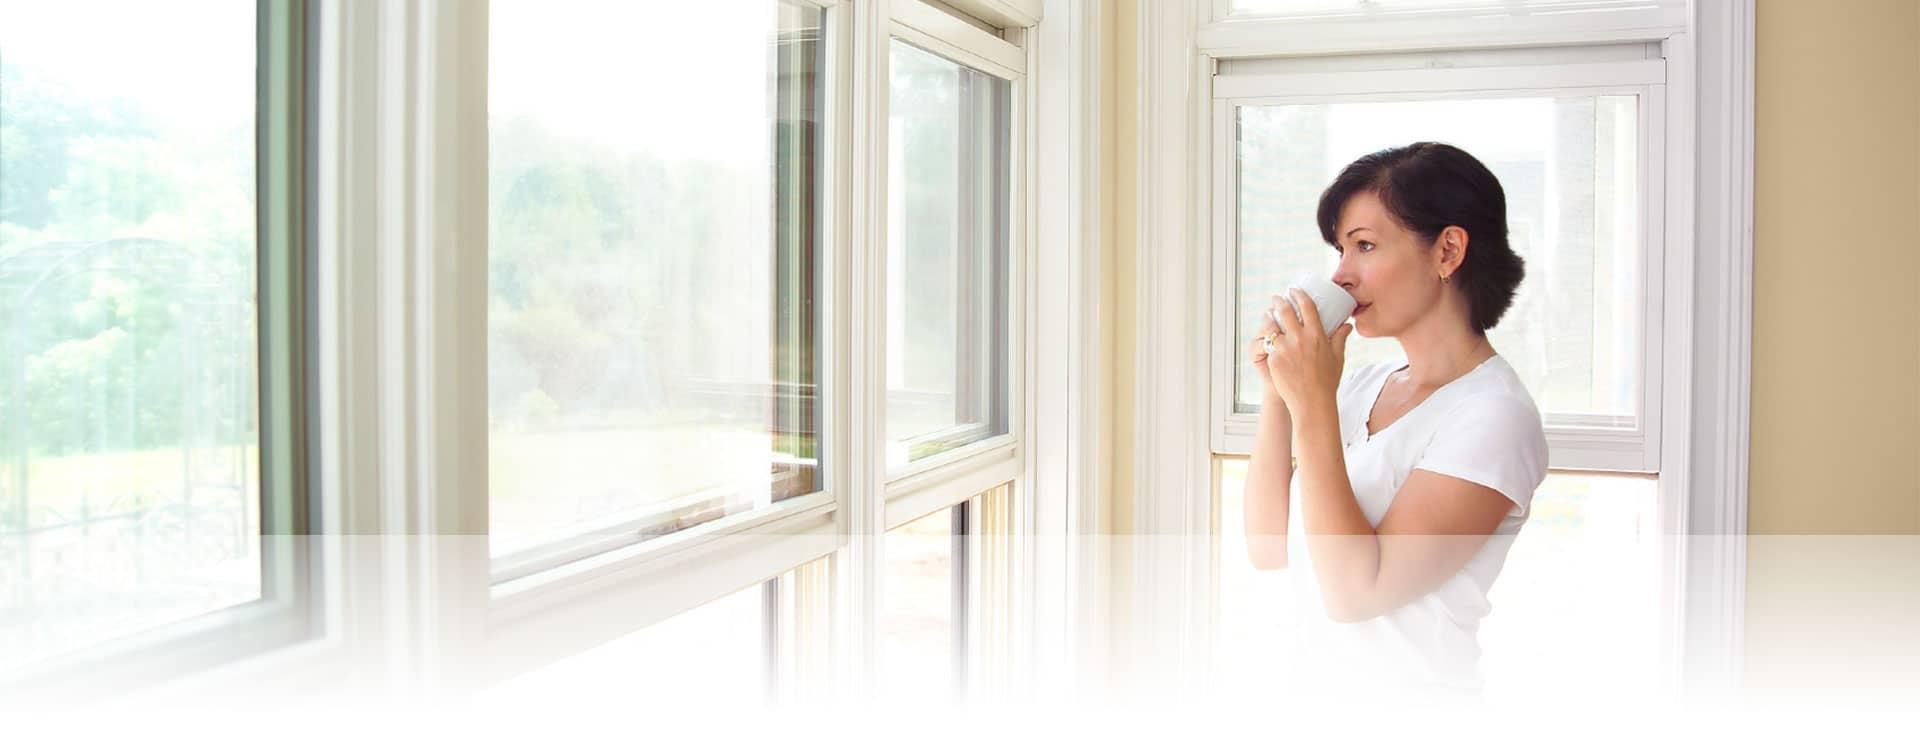 PVC window and door system PROFILINK 1